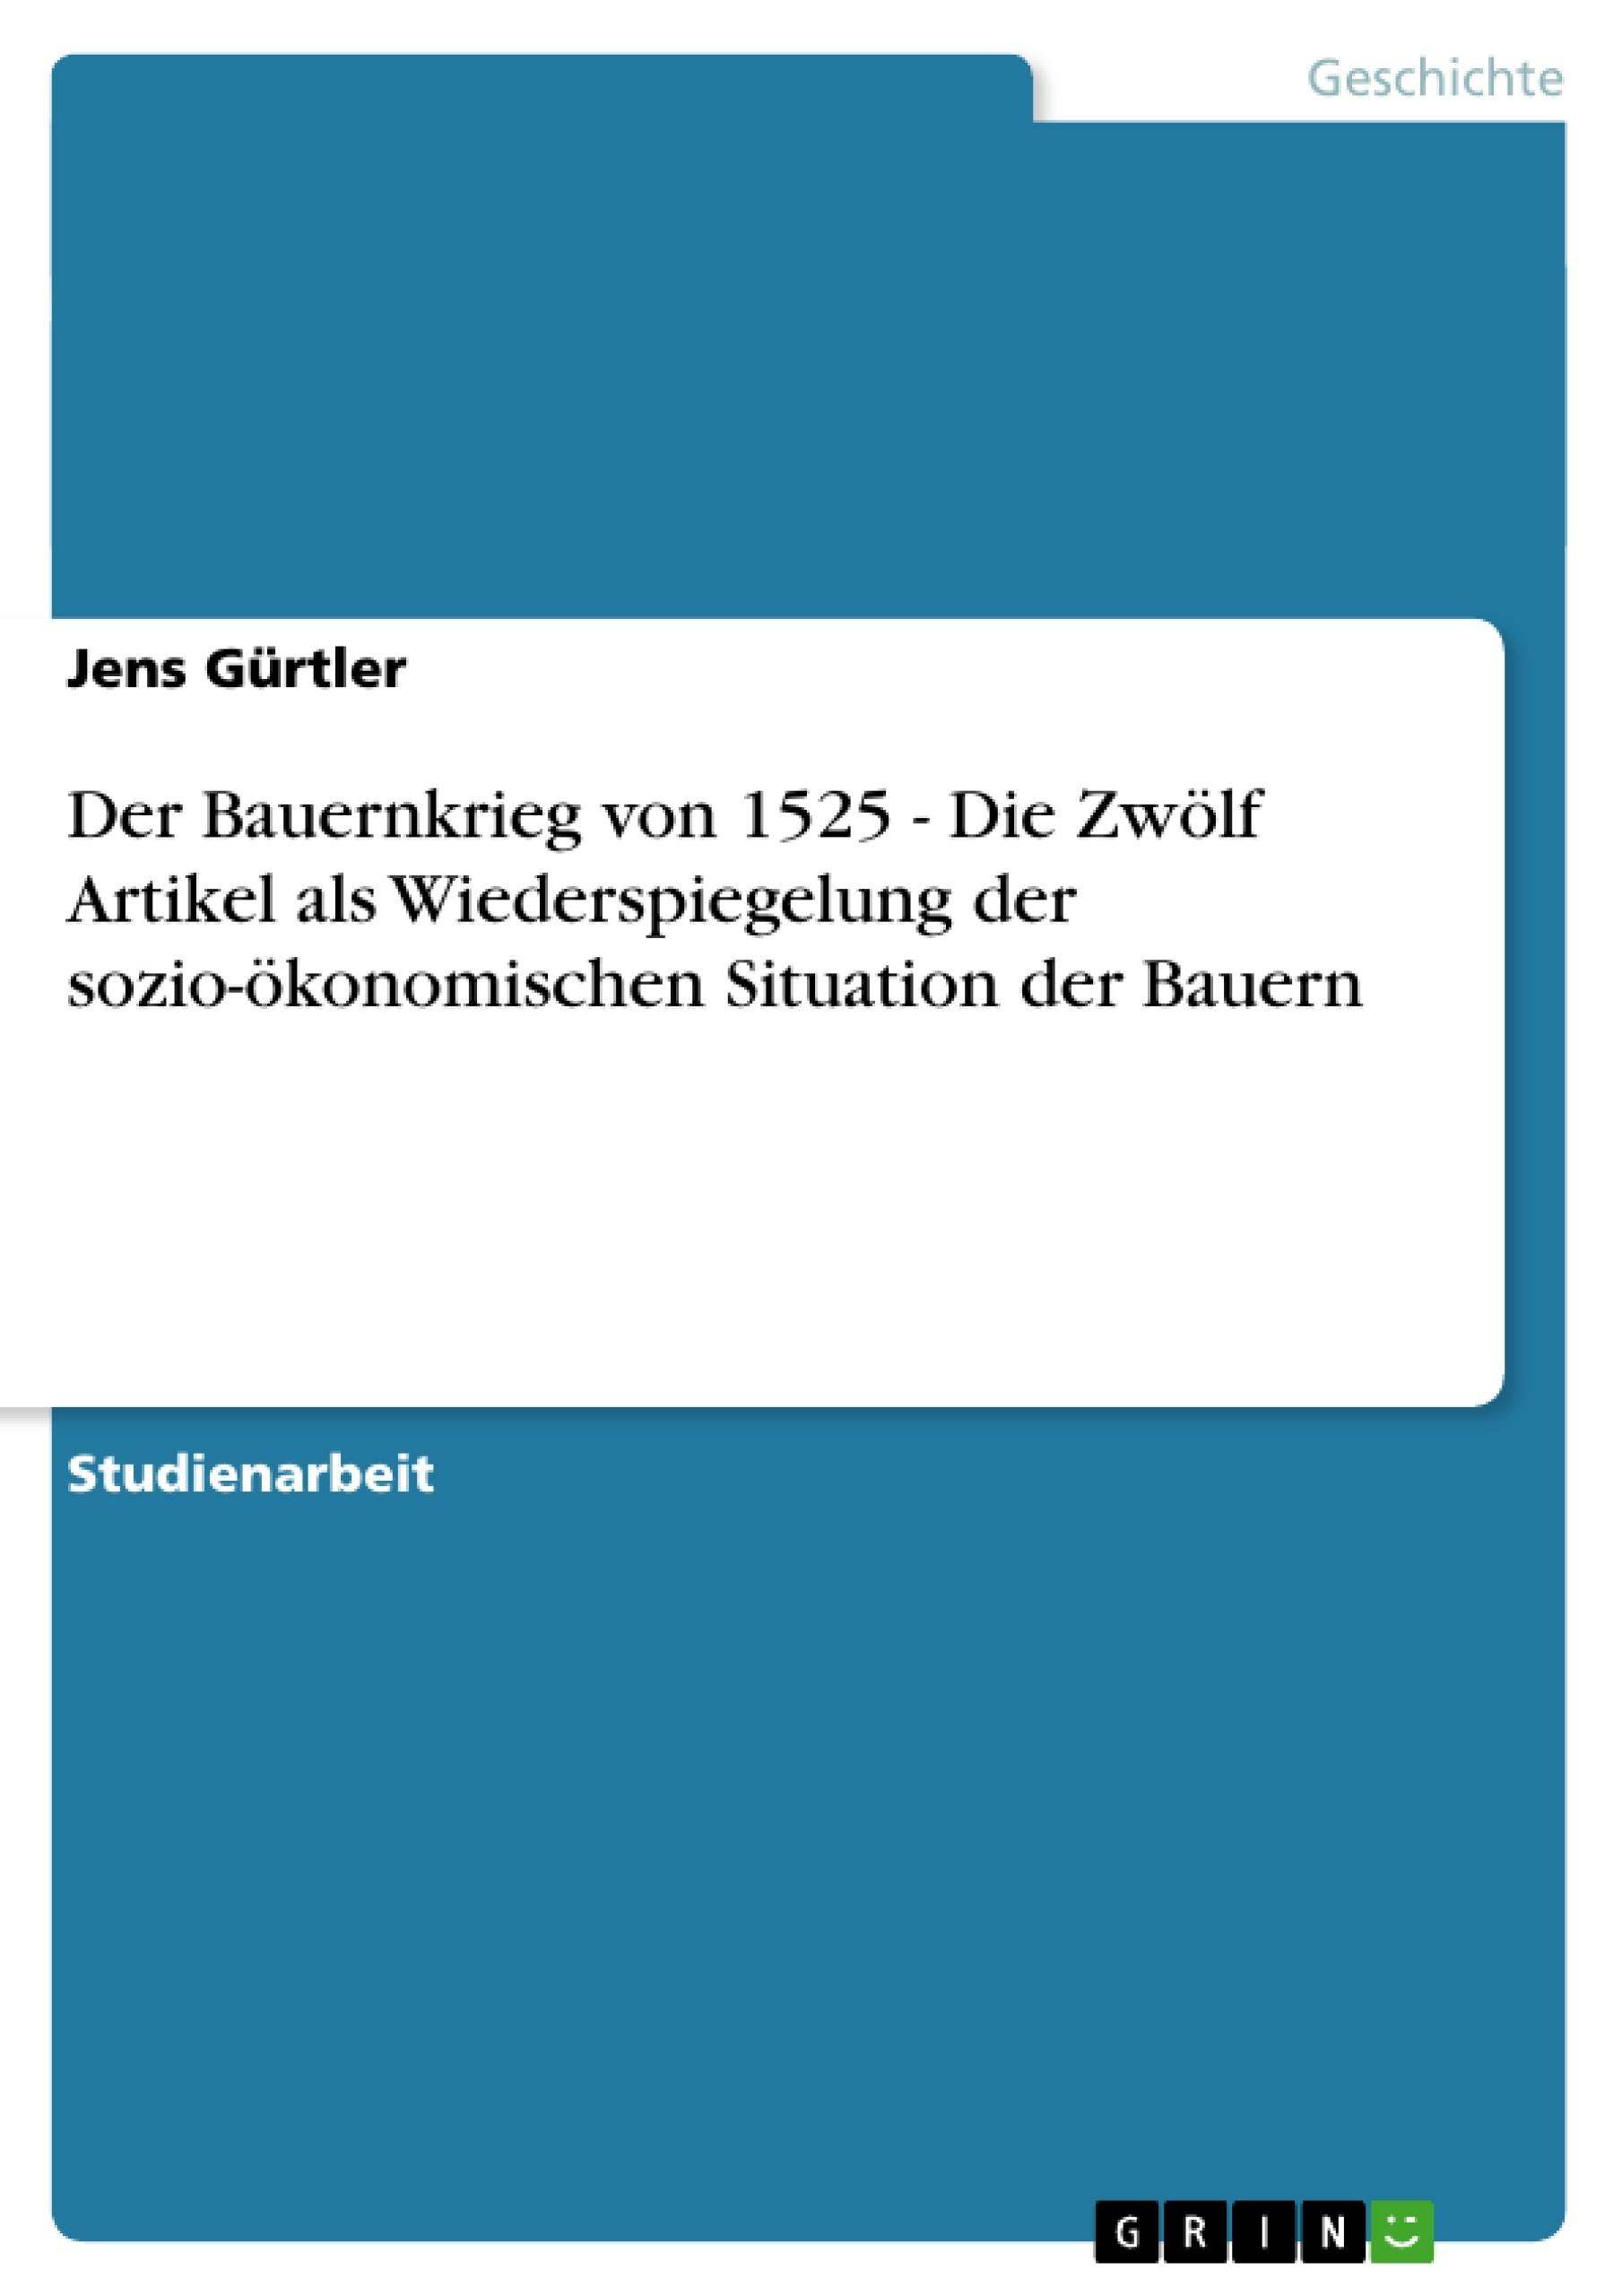 Titel: Der Bauernkrieg von 1525 - Die Zwölf Artikel als Wiederspiegelung der sozio-ökonomischen Situation der Bauern